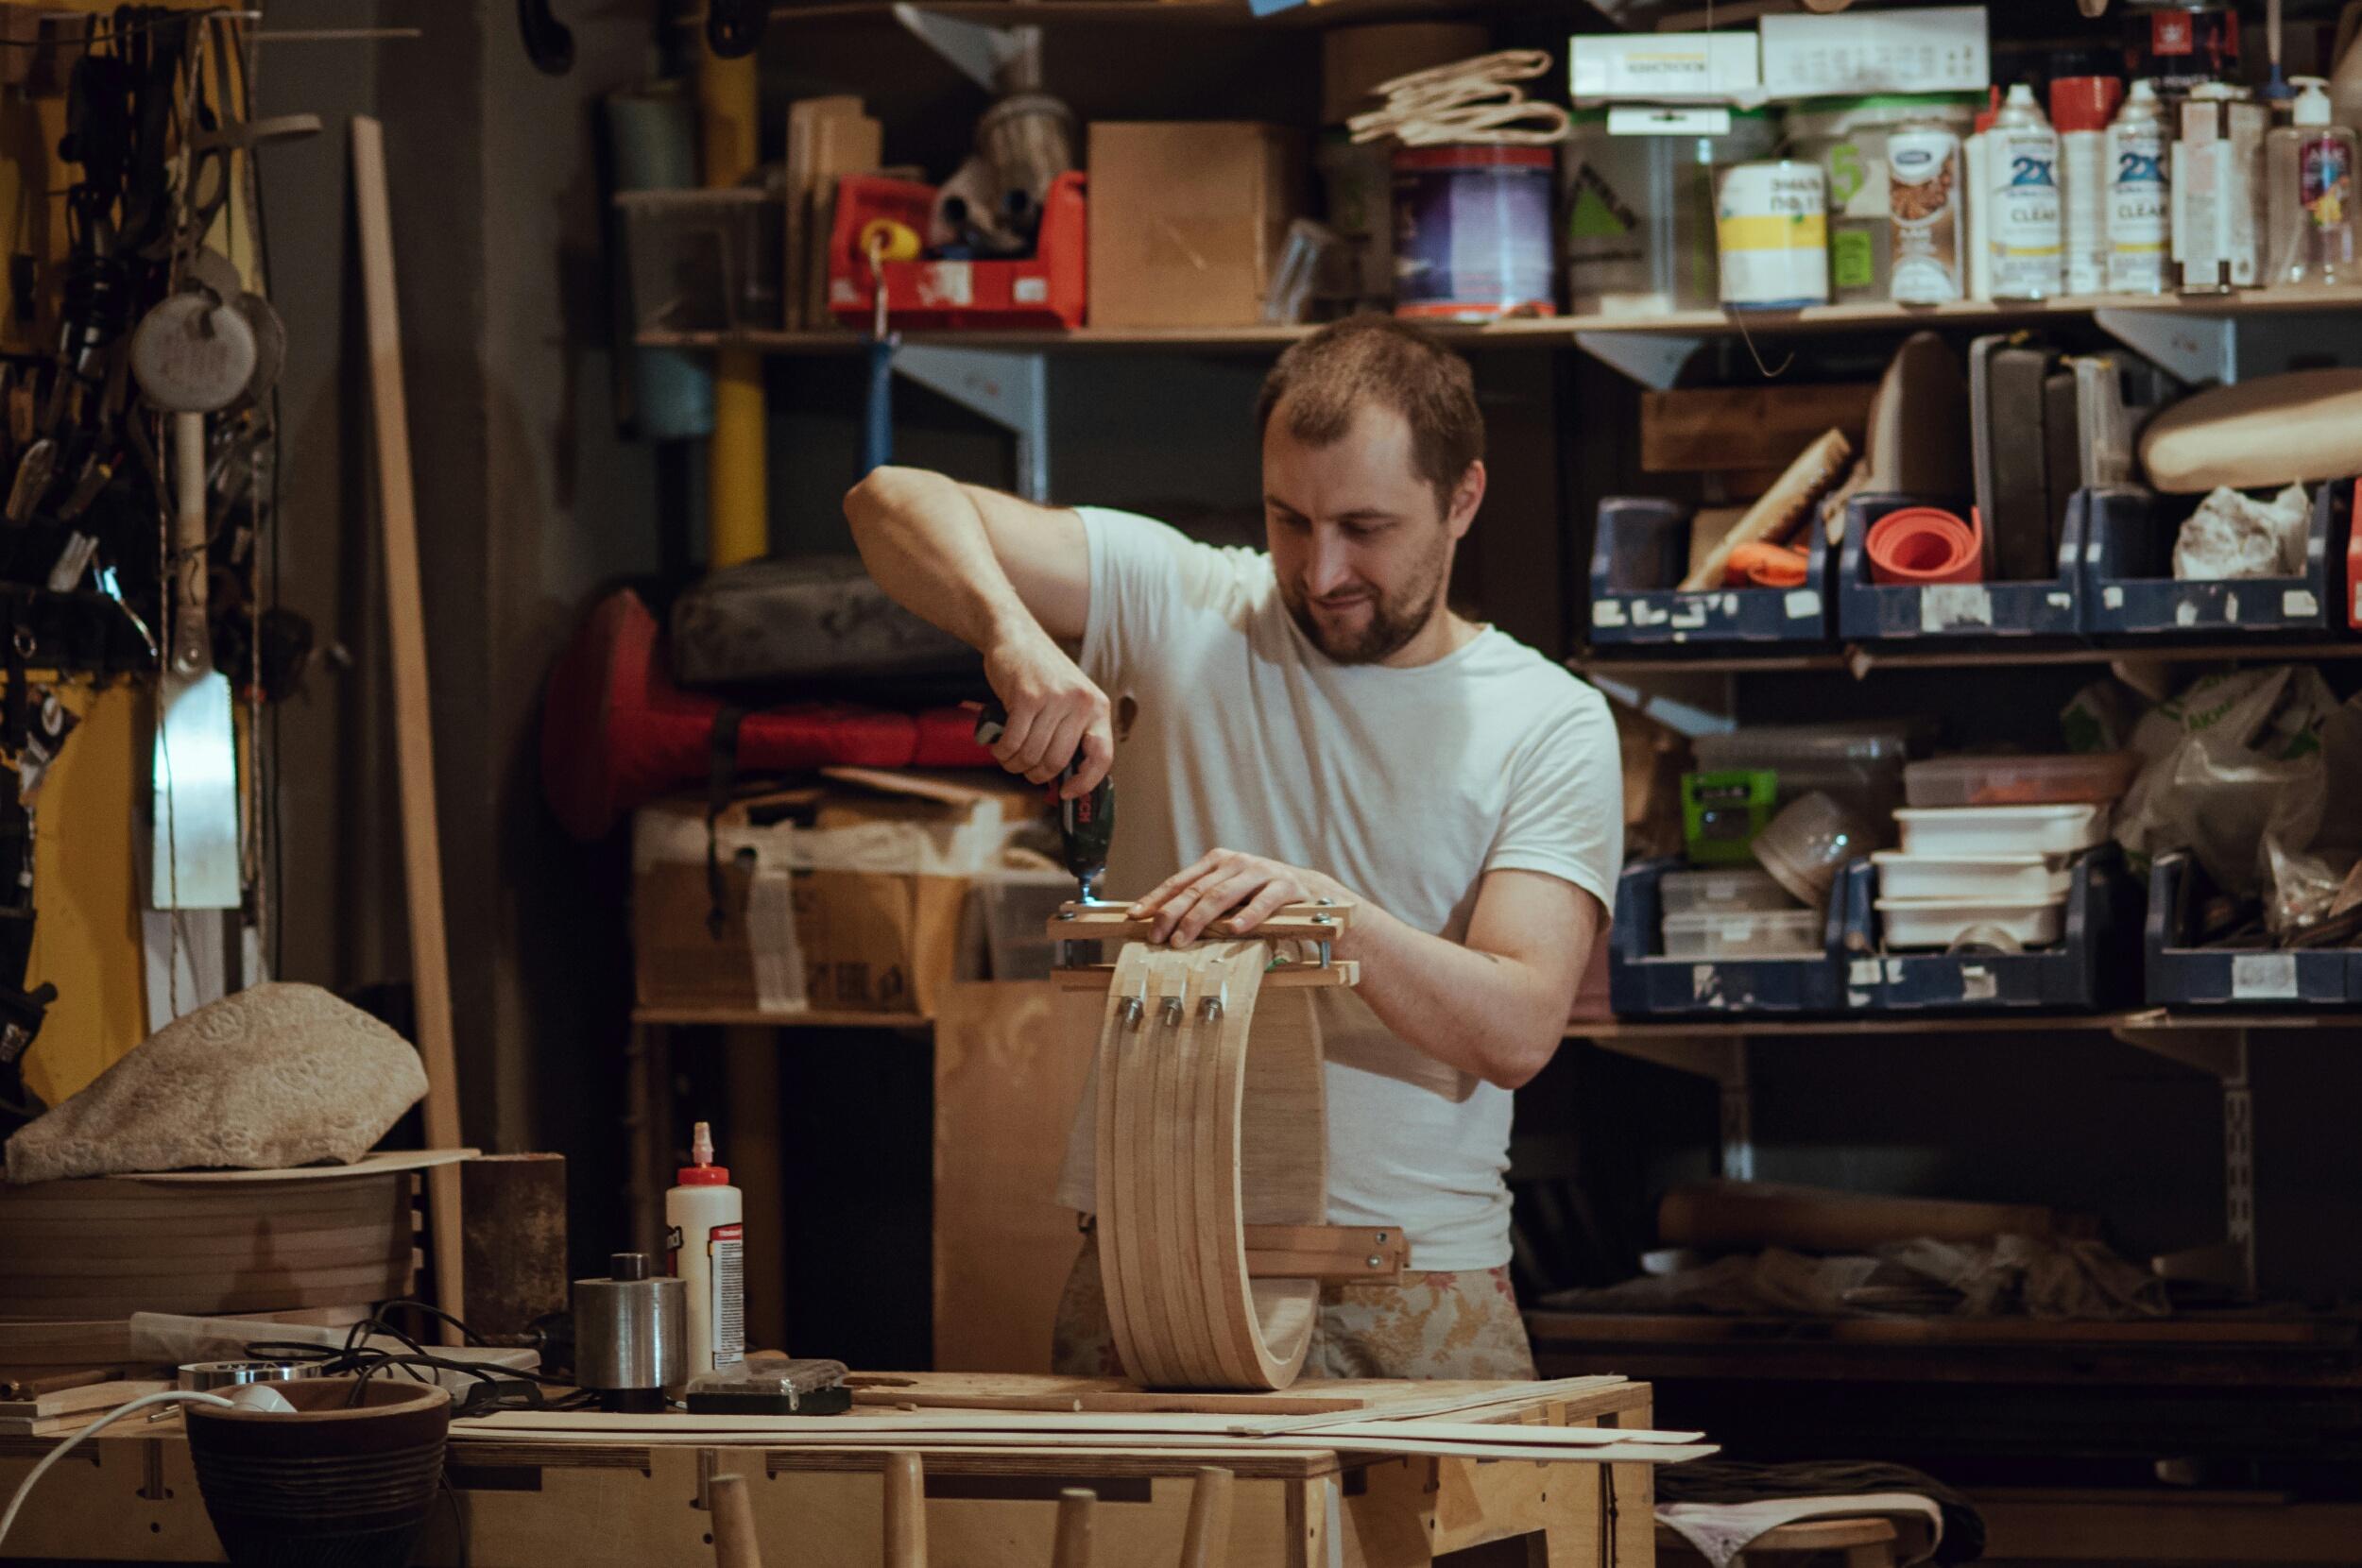 Коллеги изготовили мне на ЧПУ цулаги - разъёмные формы для сборки корпуса арфы